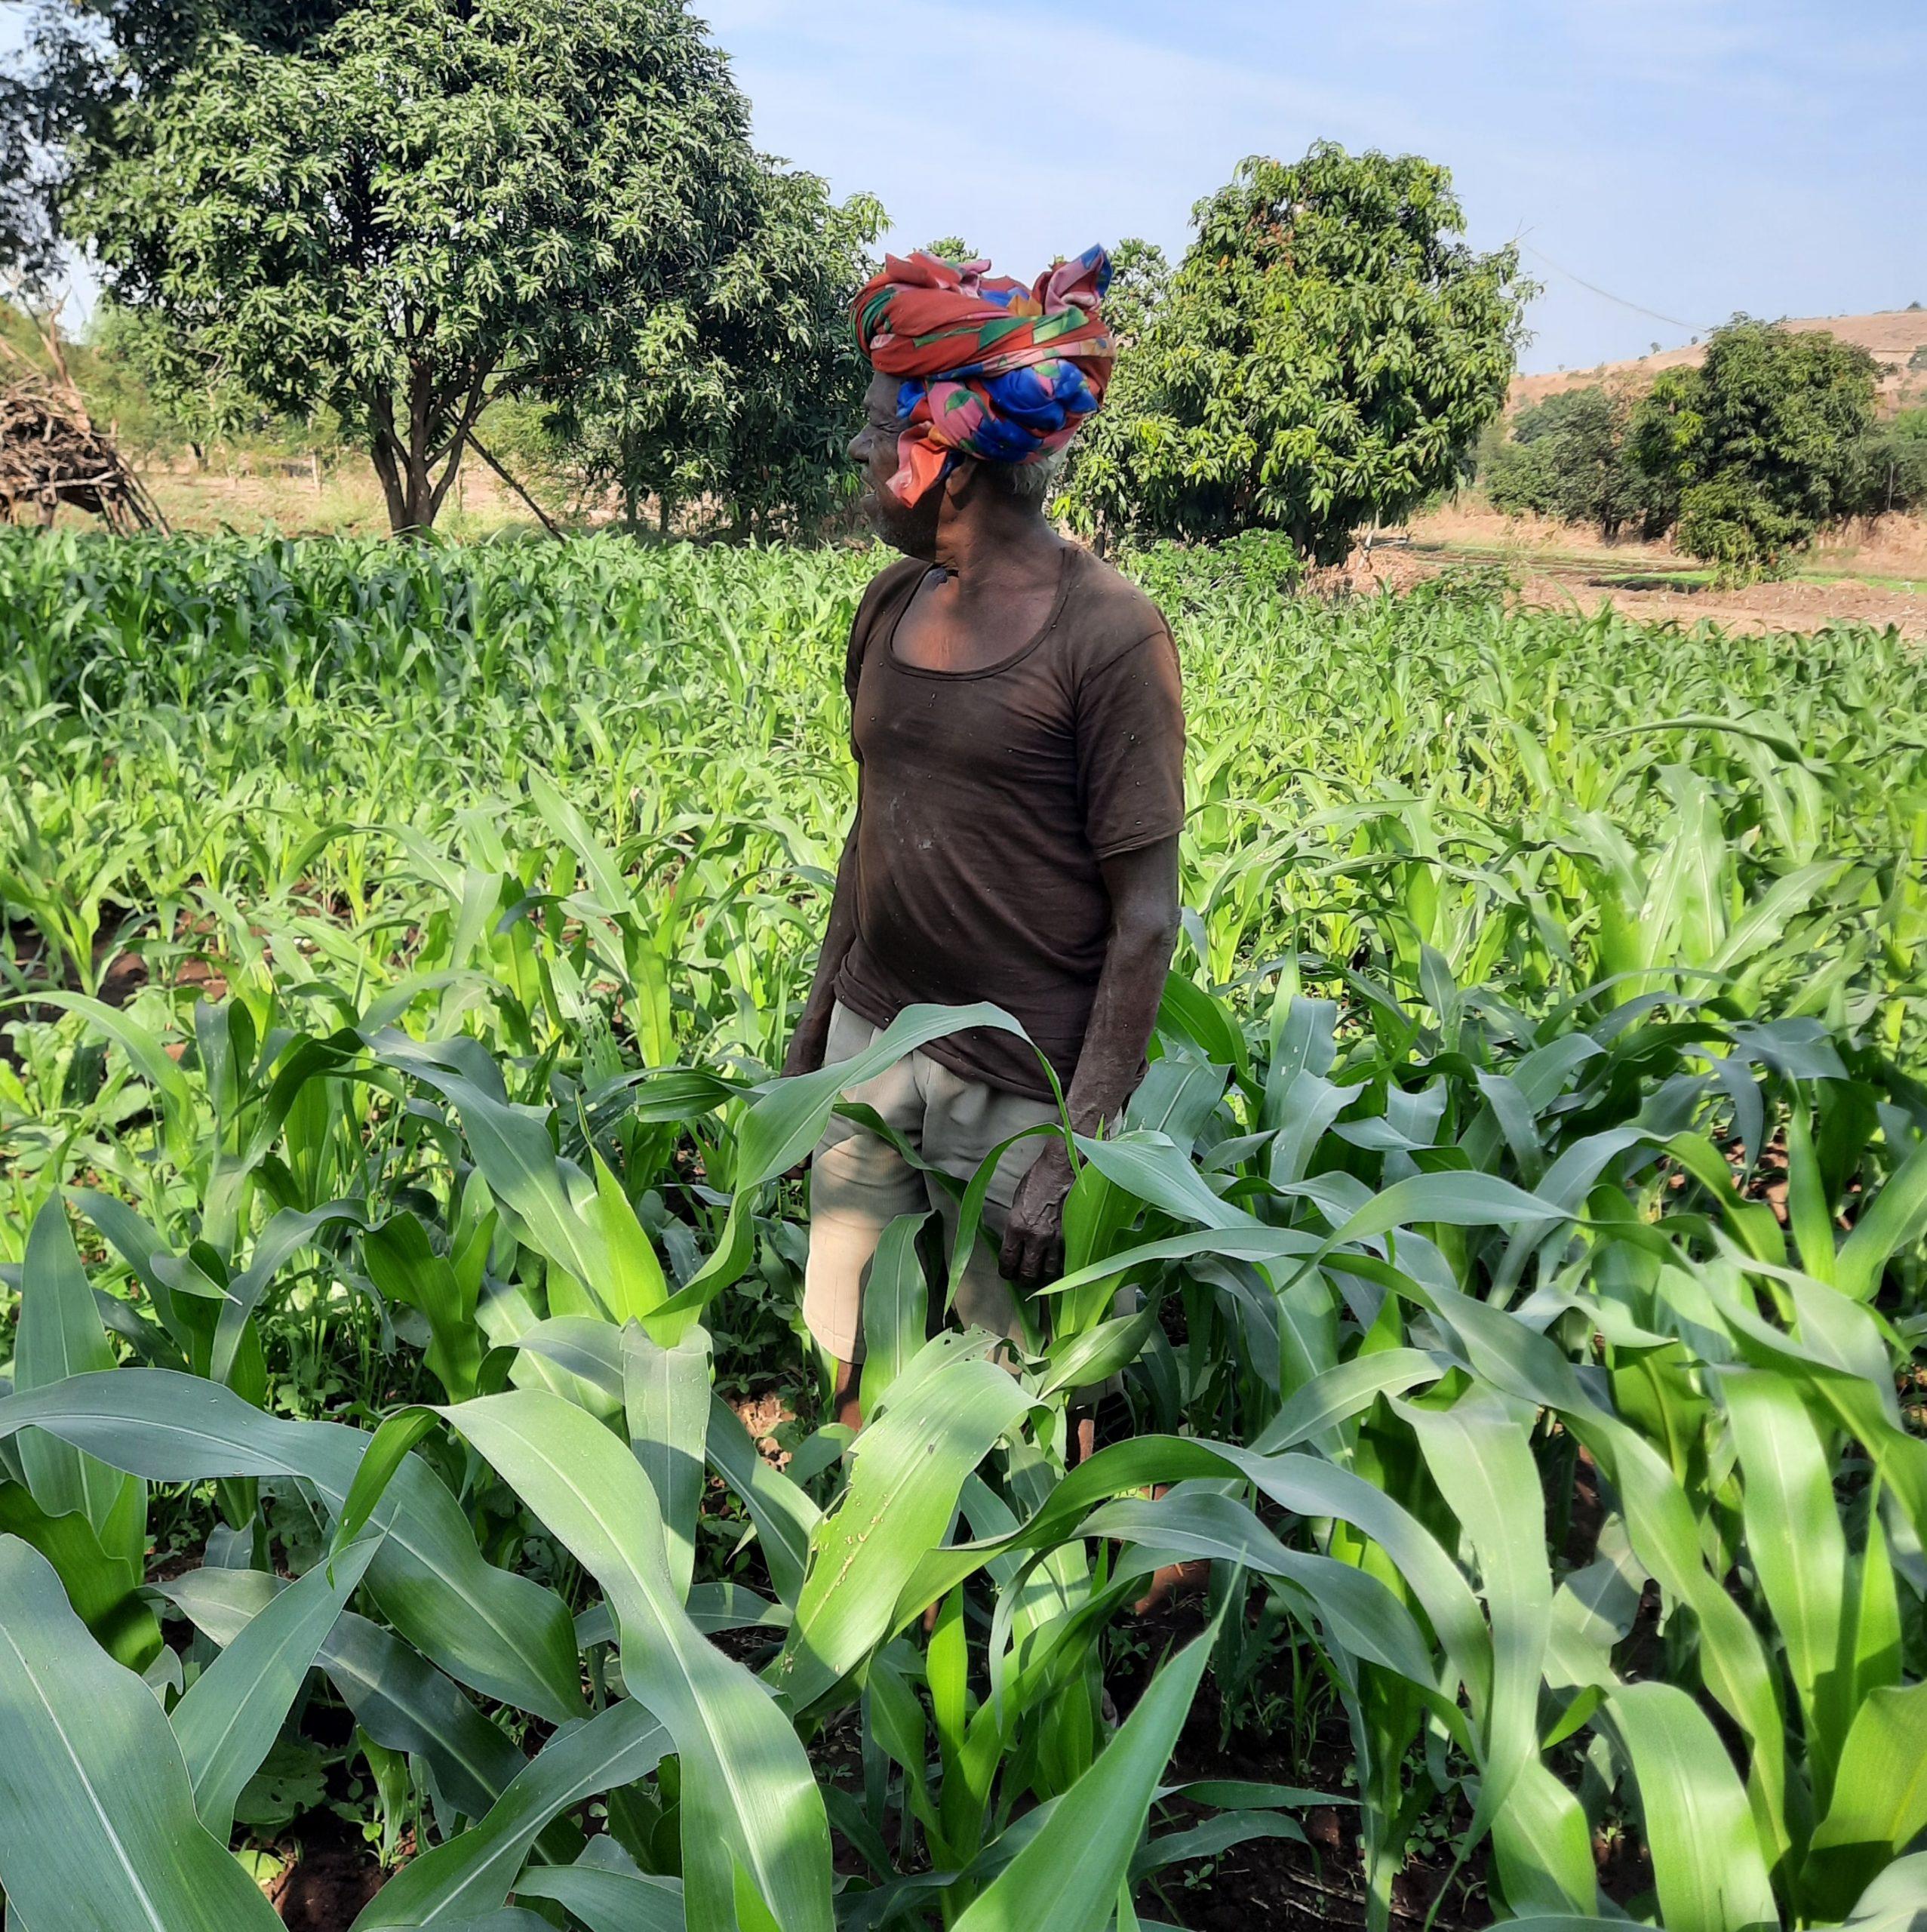 A farmer in maize plants